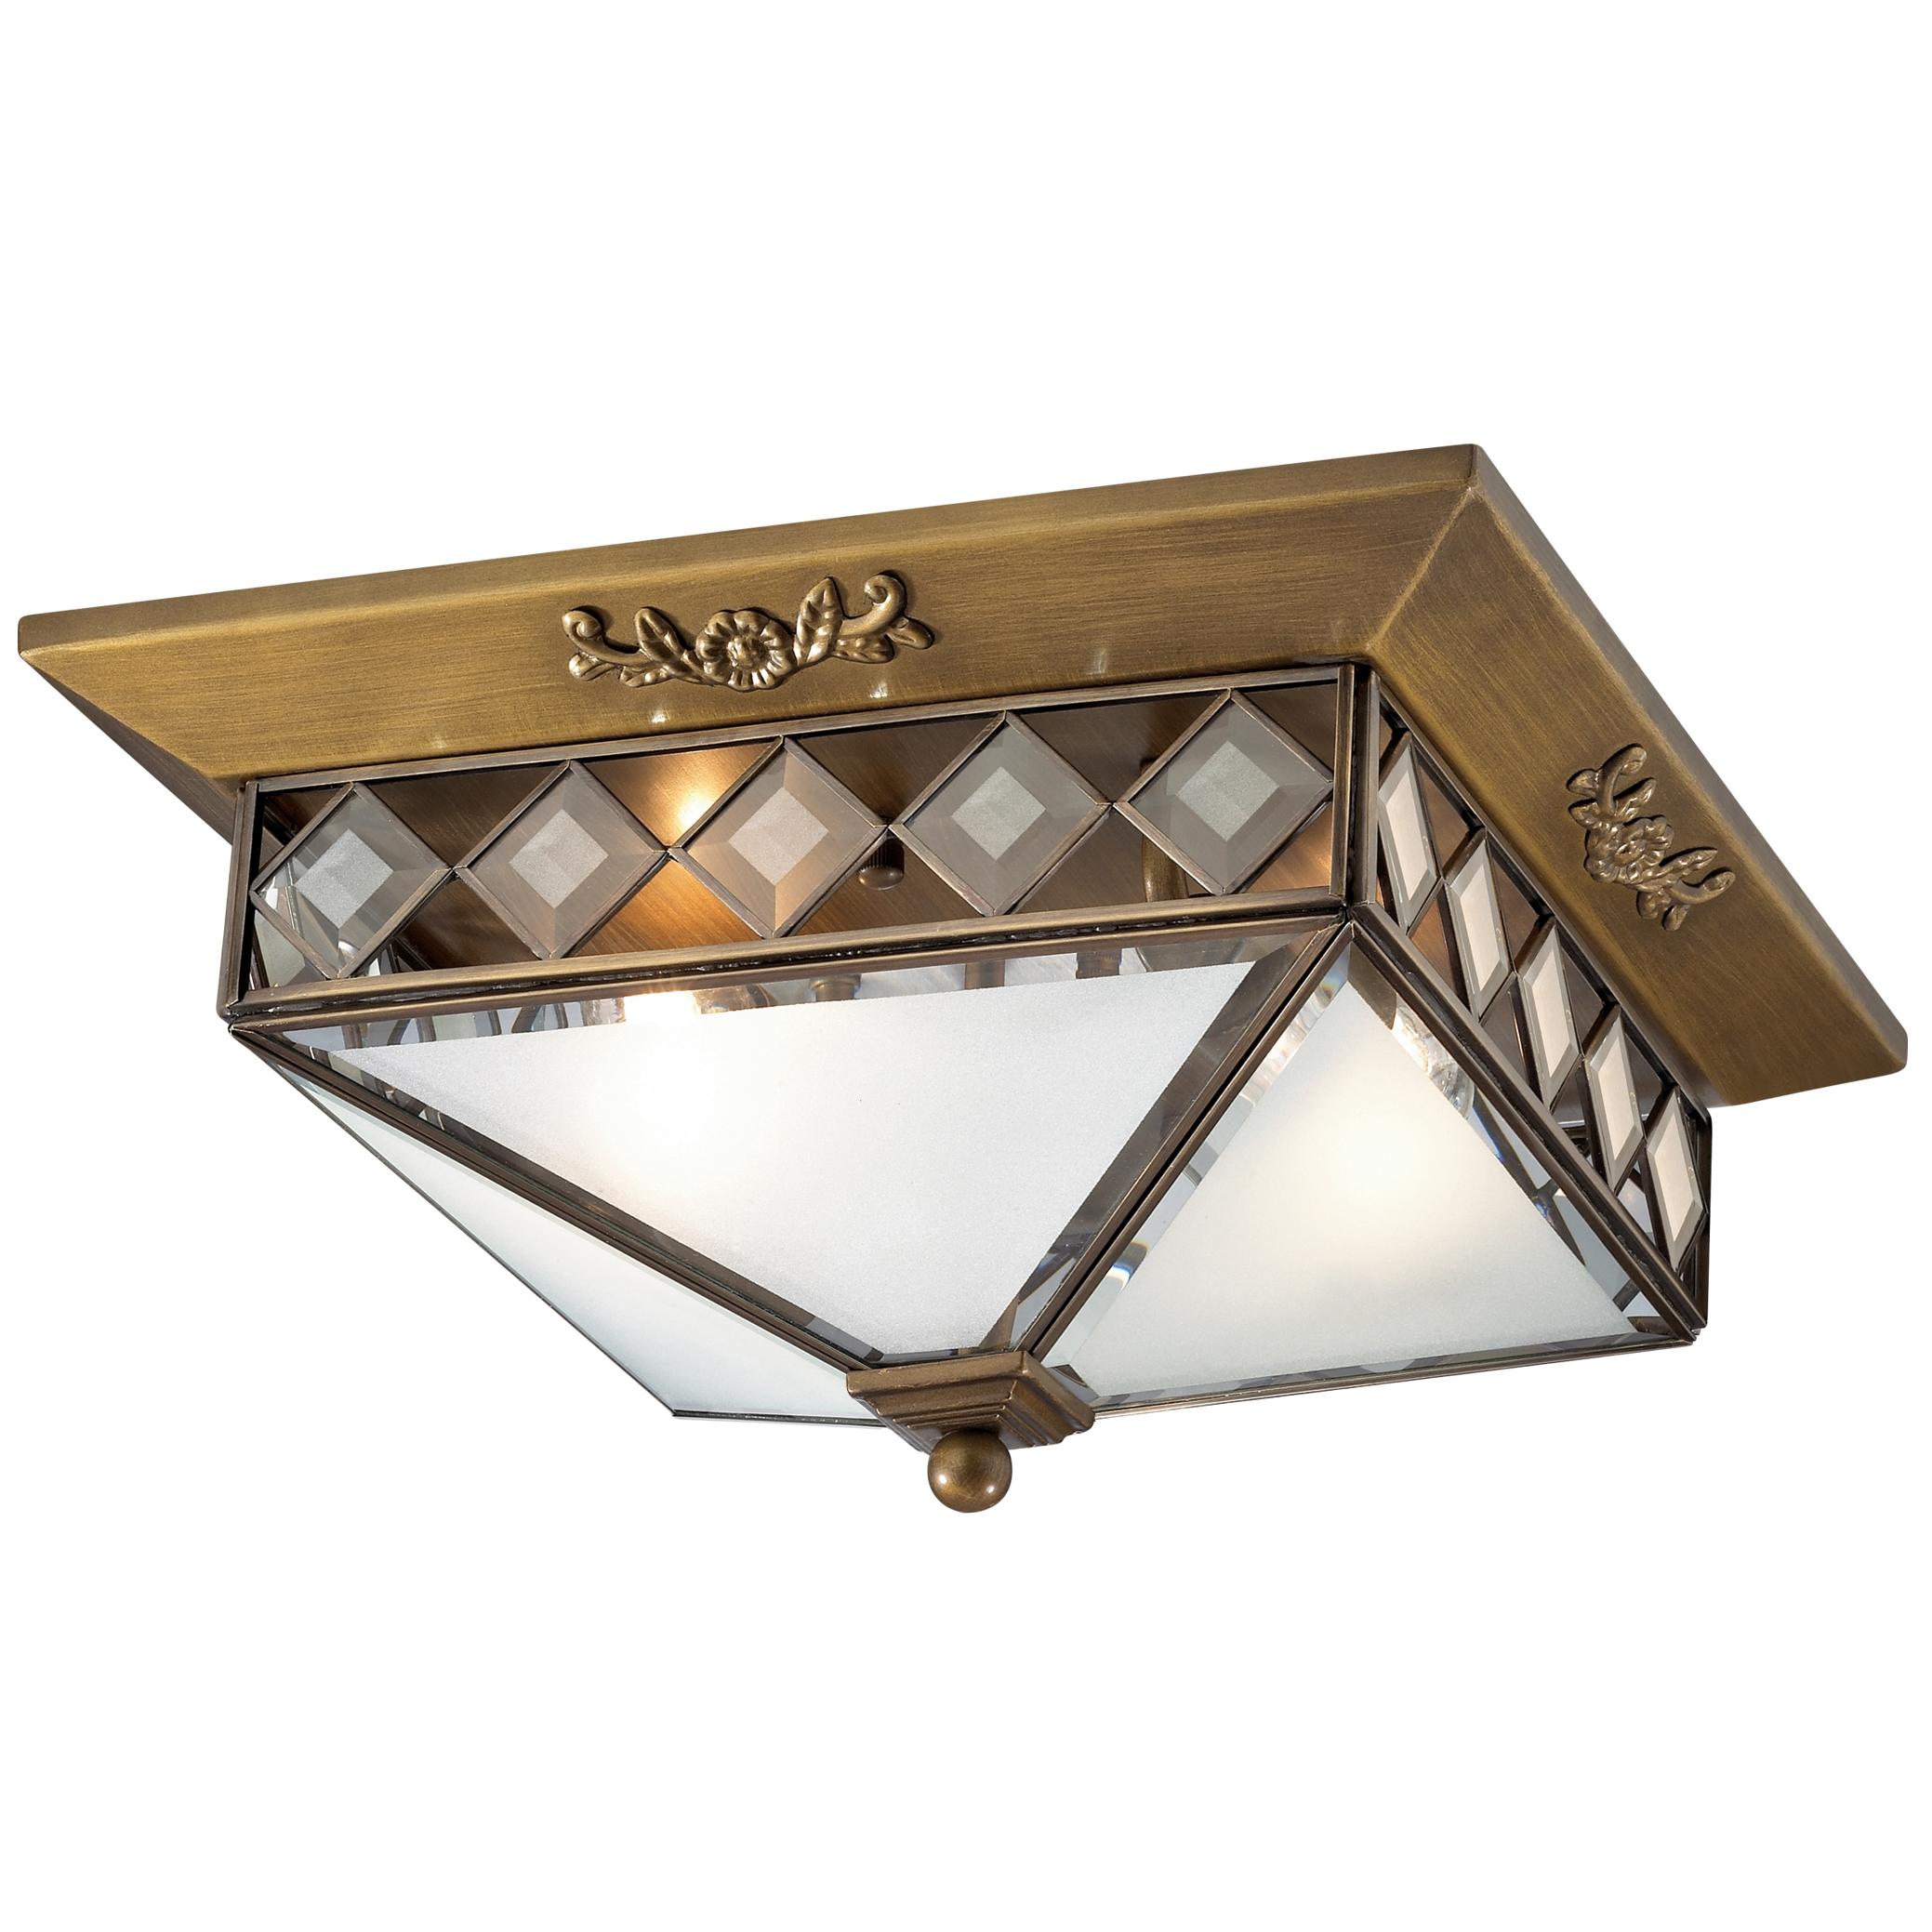 Светильник настенно-потолочный Odeon light 2544/2 накладной потолочный светильник 2544 2 odeon light